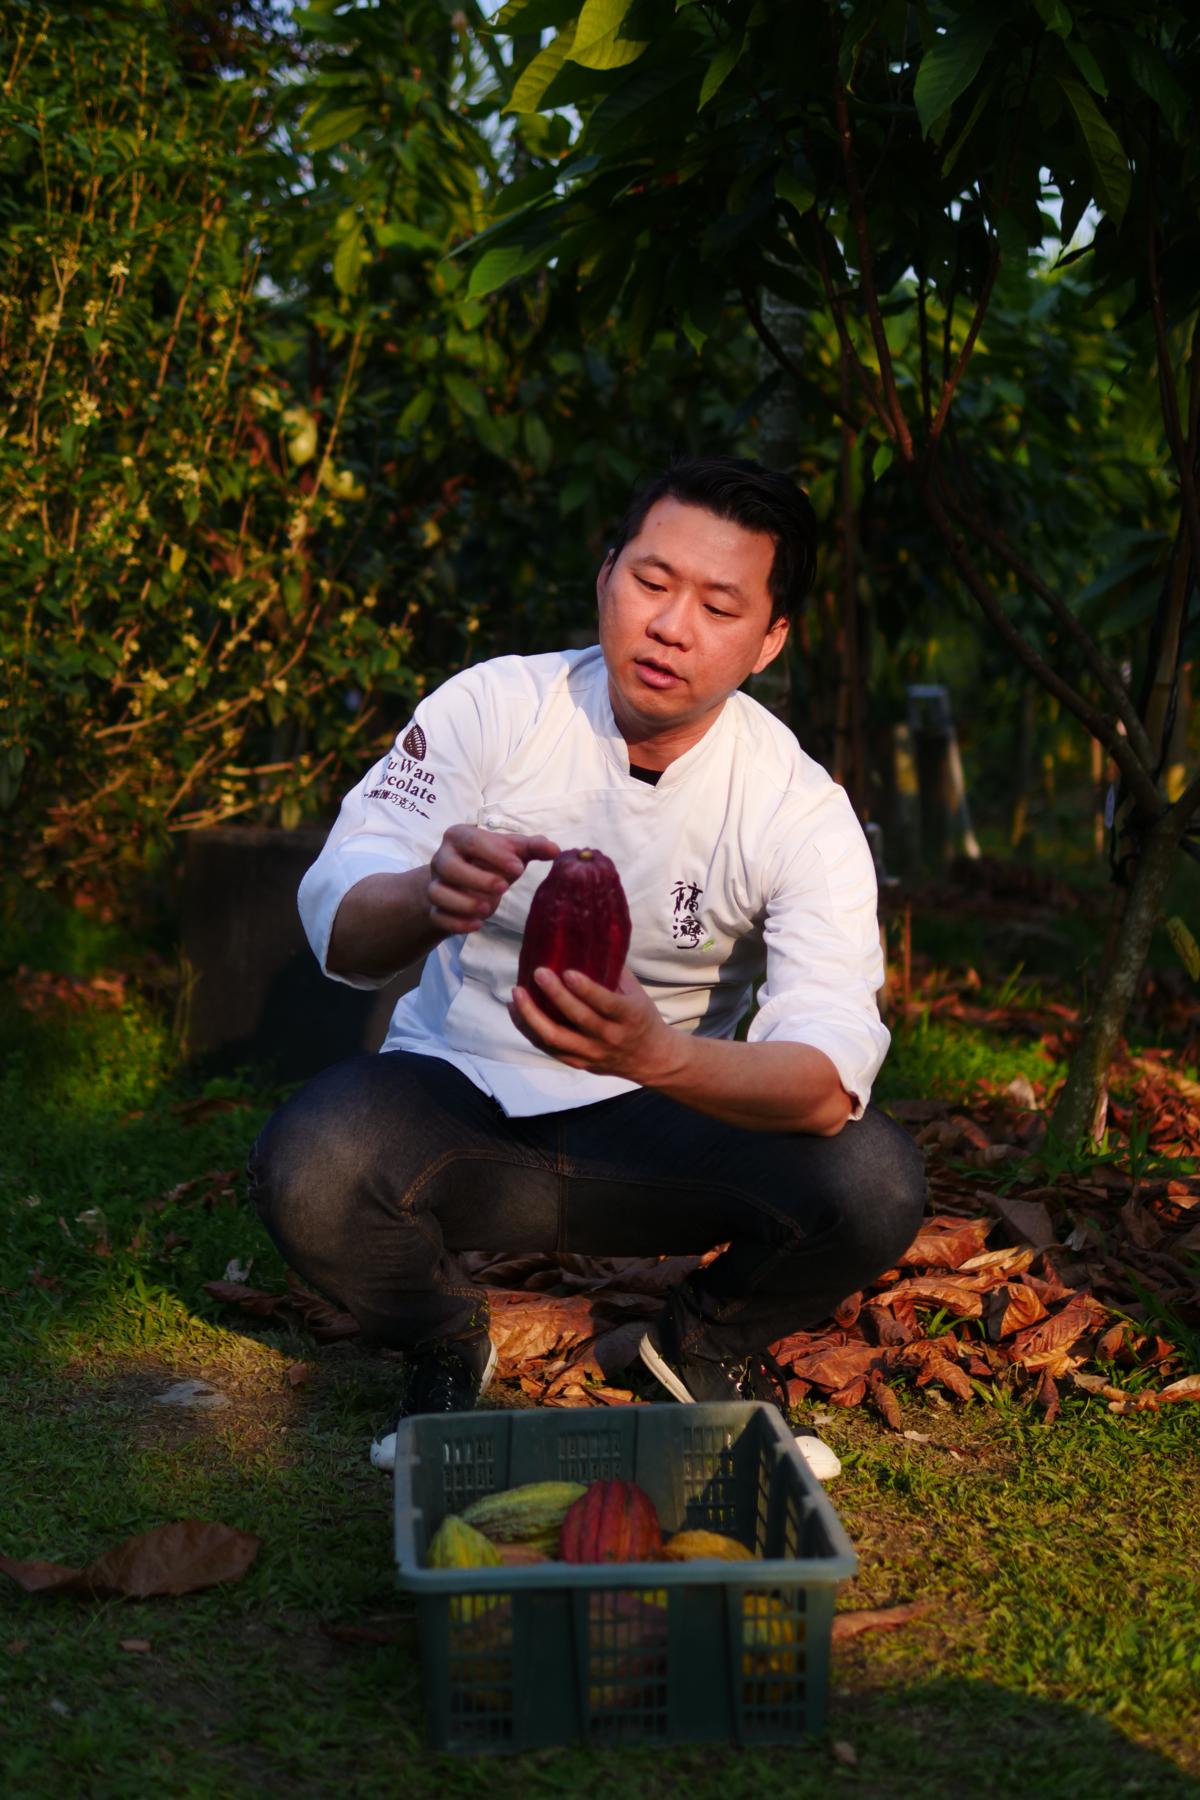 許華仁是全台第一位巧克力品鑑師(IICCT),他使用台灣本土可可豆研發成各式巧克力,讓台灣可可的丰采終能被國際甜點界看見。